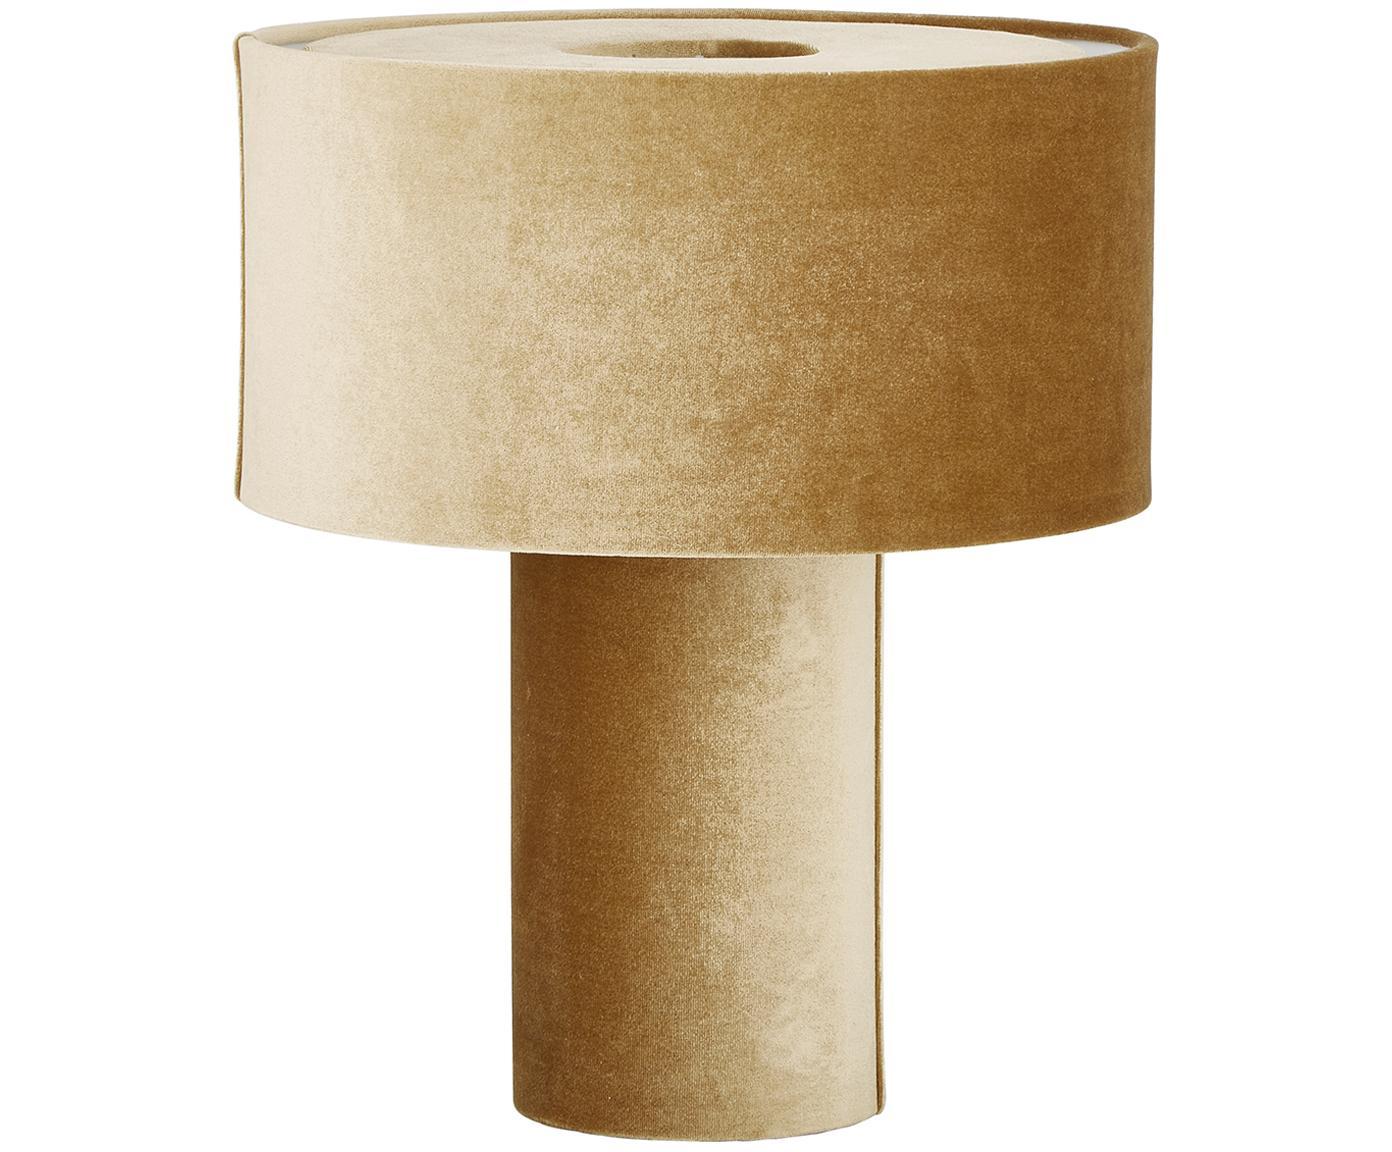 Samt-Tischleuchte Frida, Lampenfuß: Kunststoff mit Samtbezug, Lampenschirm: Samt, Senfgelb, Ø 30 x H 36 cm